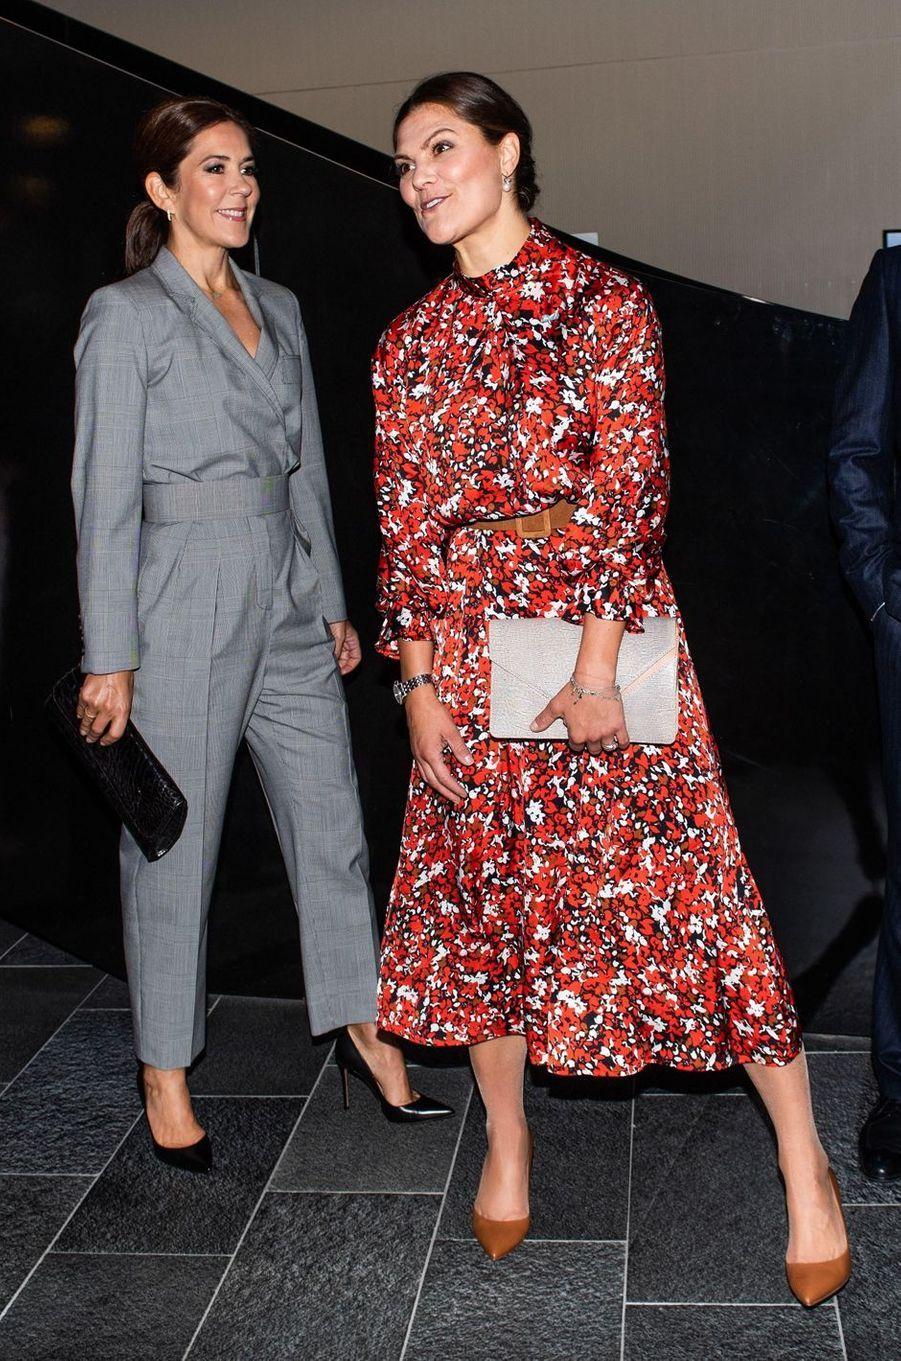 La princesses Mary de Danemark et la princesse Victoria de Suède à Copenhague, le 17 septembre 2019